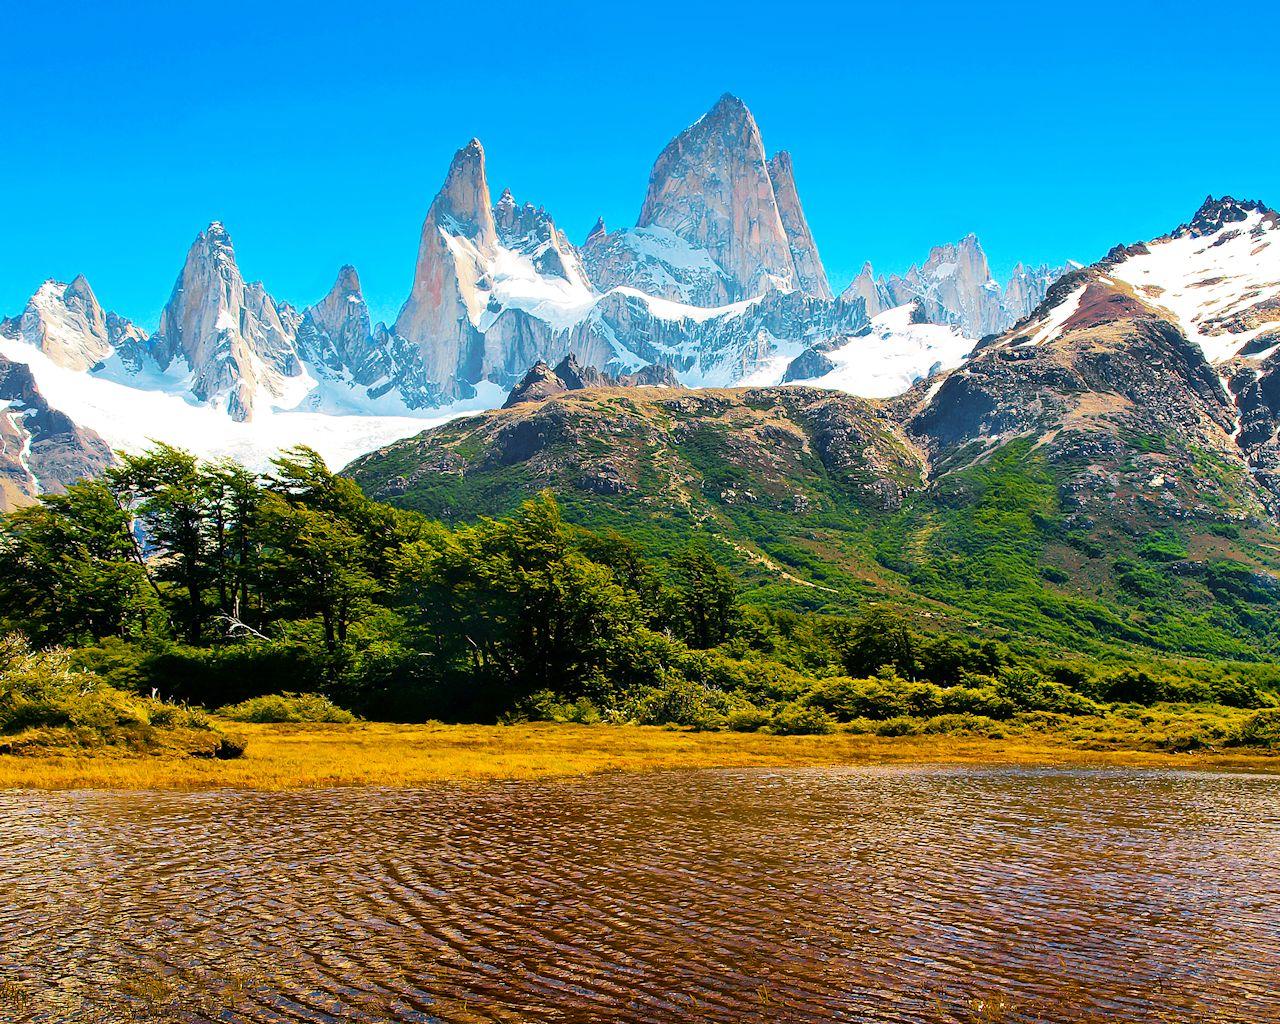 Wallpapers Montañas Nevadas: Montañas Nevadas En La Patagonia, Argentina.